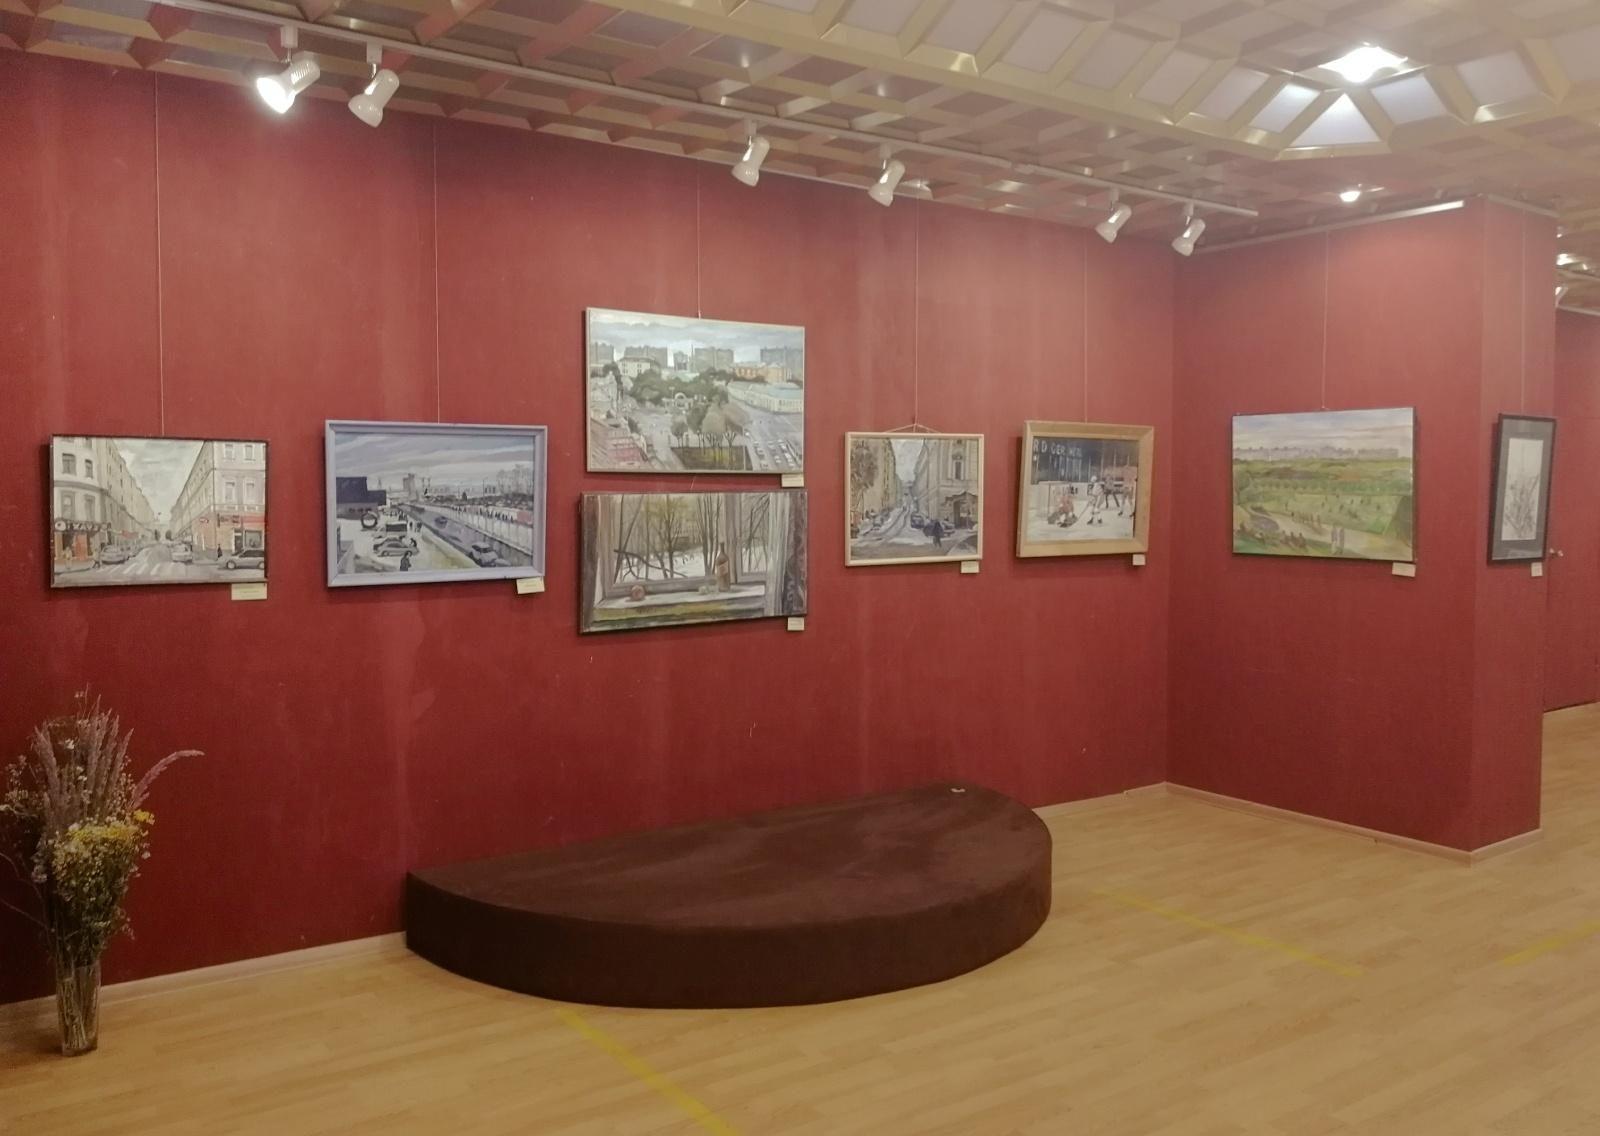 Выставка «Тебе, Москва!» в выставочном зале «Тушино»  – события на сайте «Московские Сезоны»